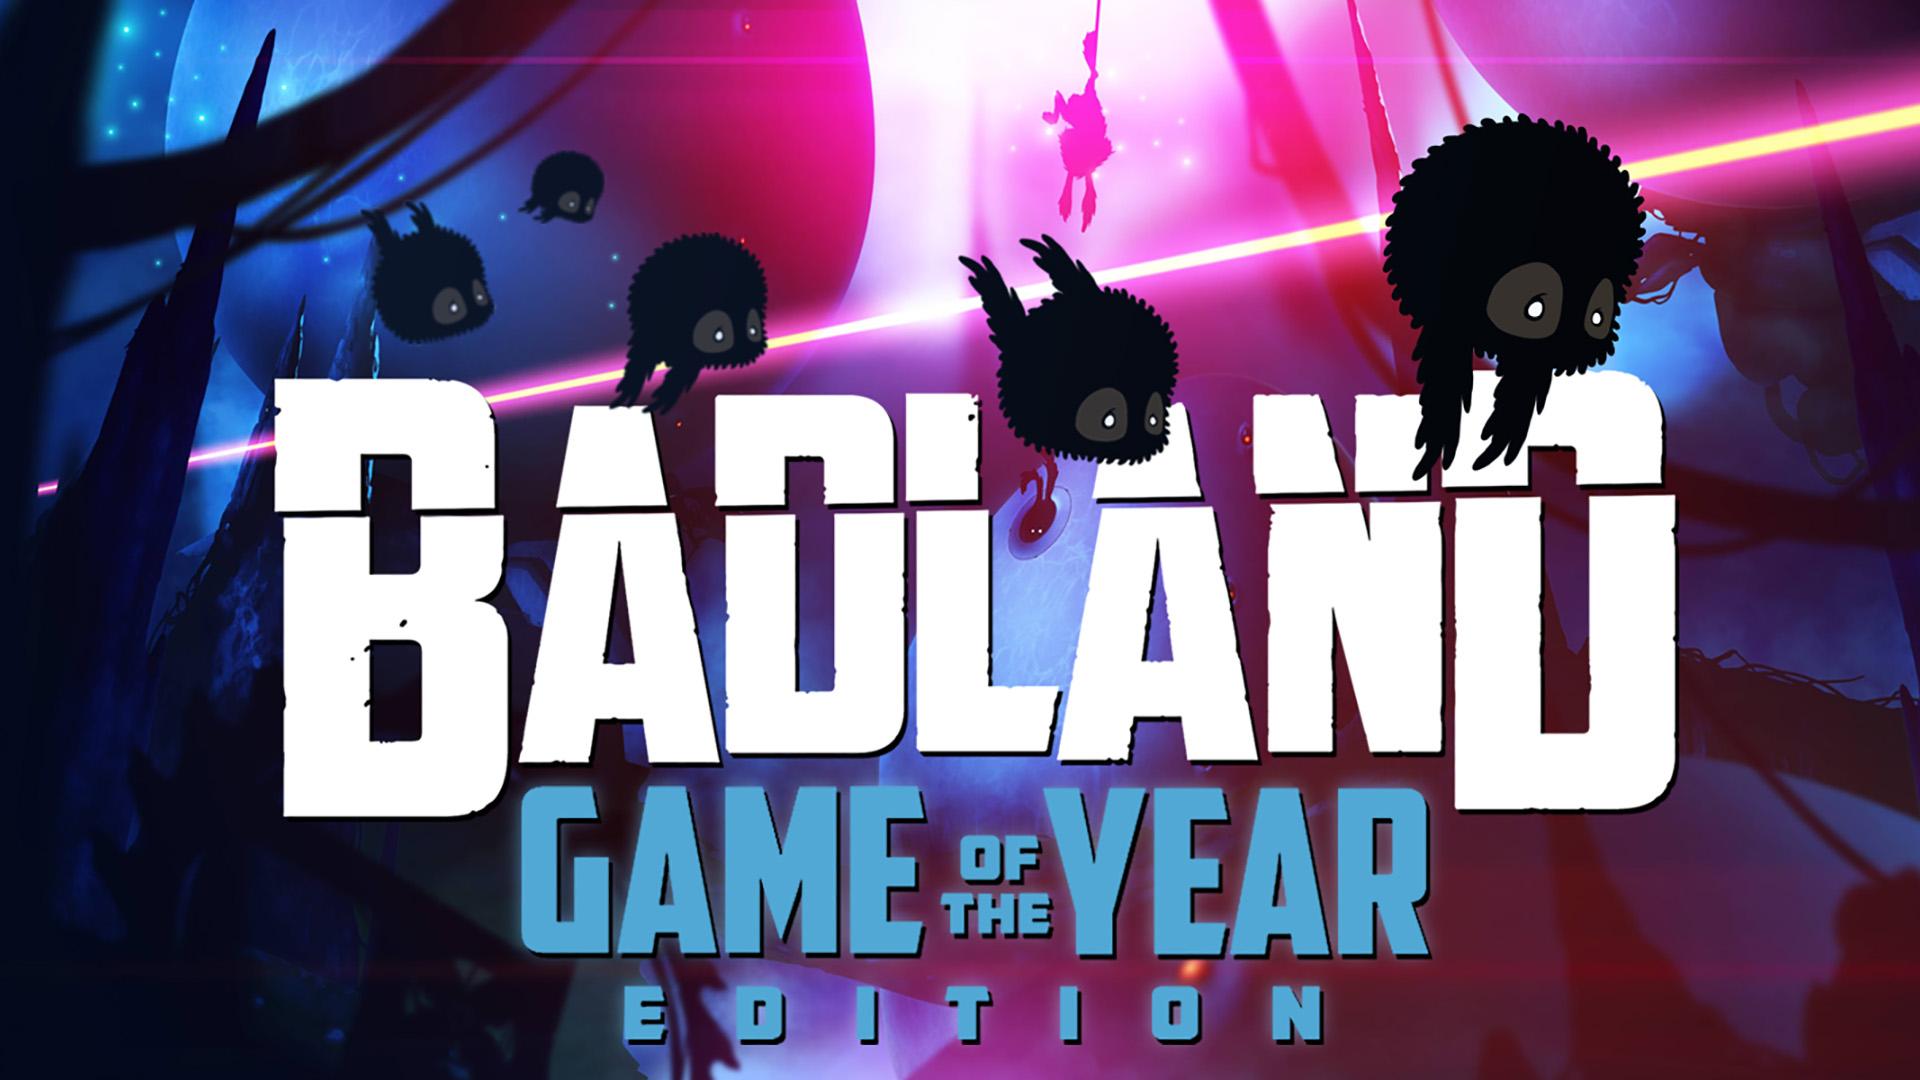 Badland platformer gets reimagined for next gen consoles, coming spring 2015